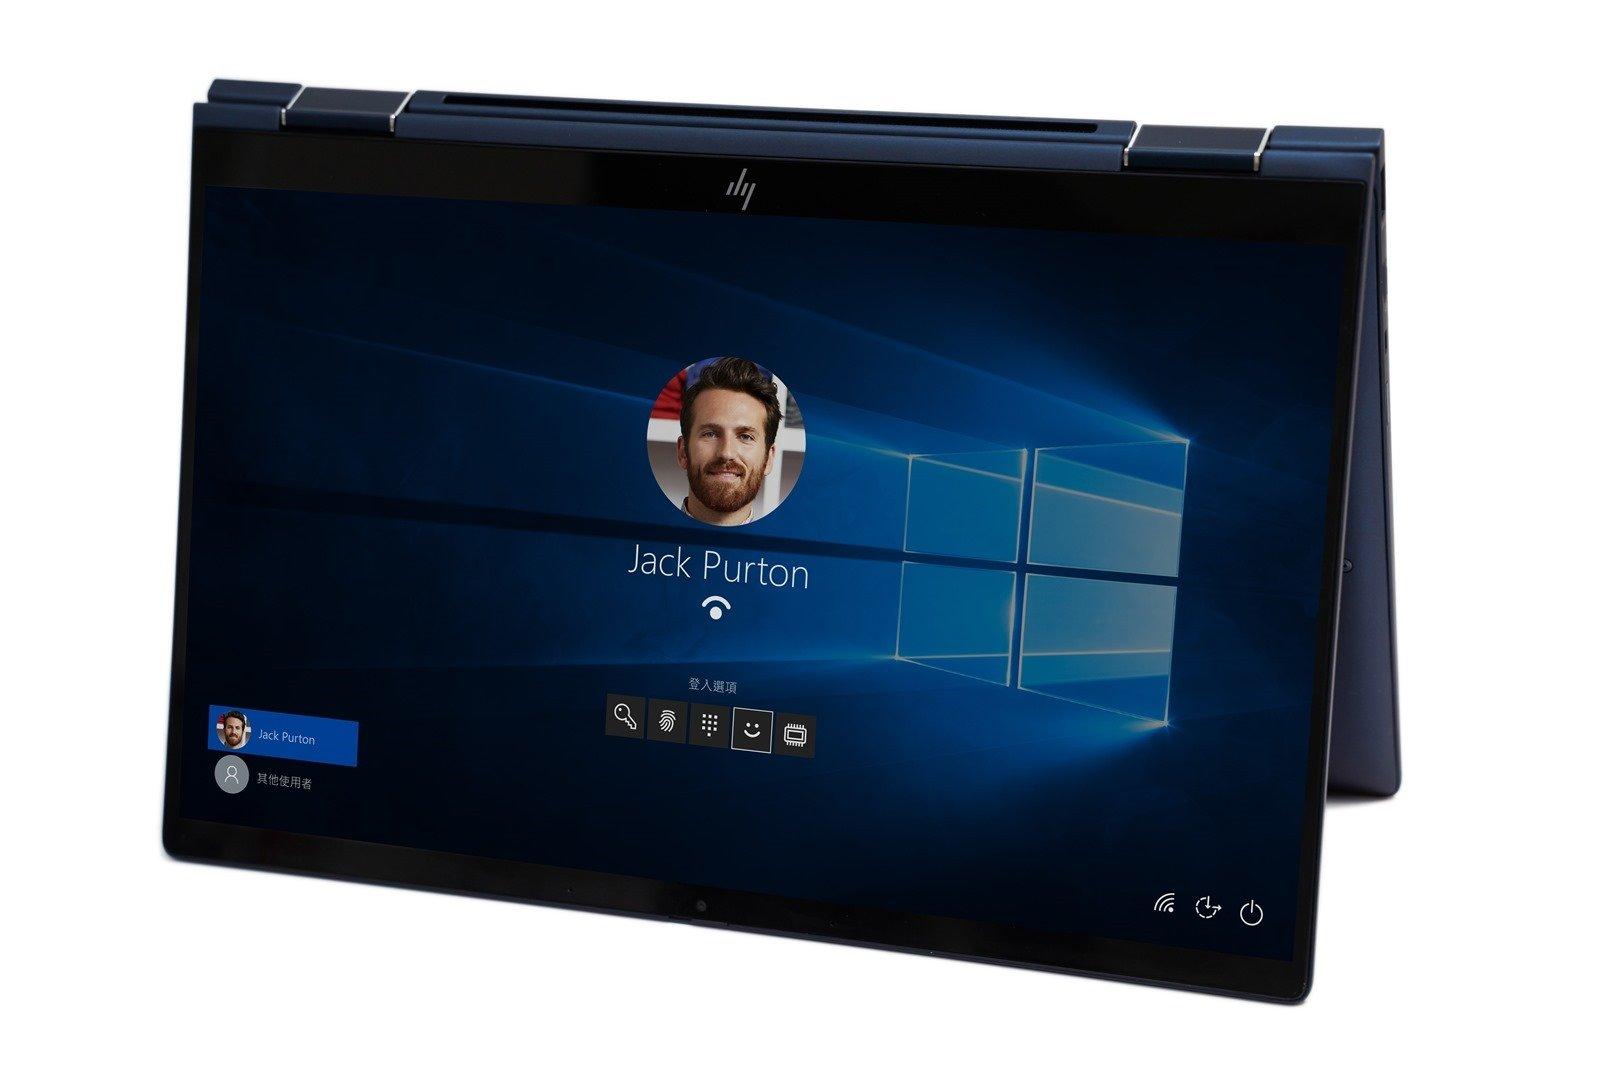 輕薄、變形、觸控三合一 HP Elite Dragonfly 商務翻轉筆電開箱評測 @3C 達人廖阿輝